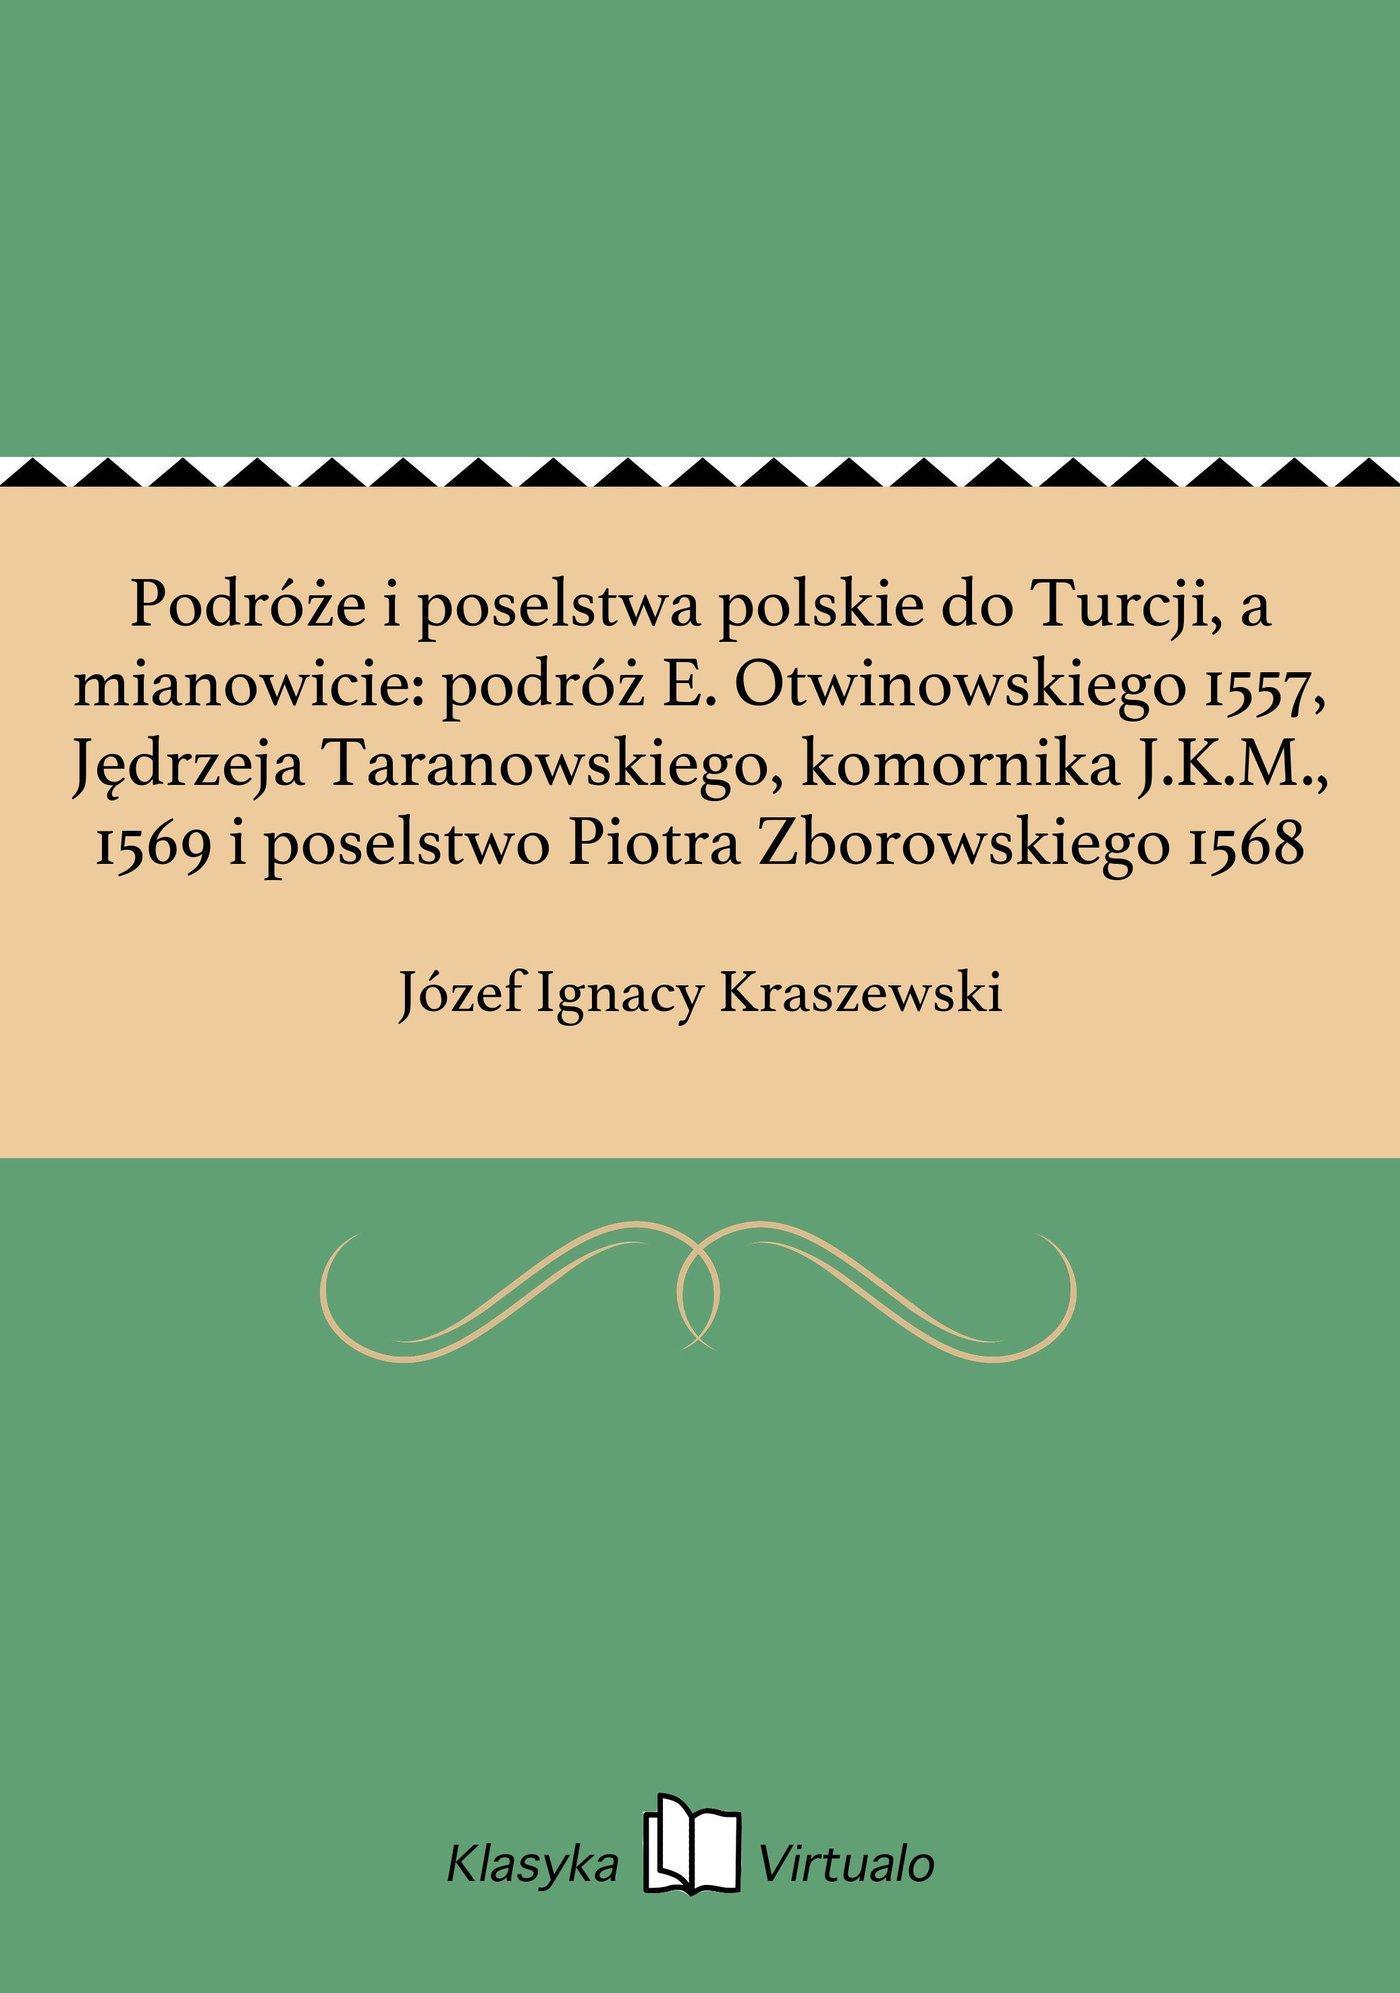 Podróże i poselstwa polskie do Turcji, a mianowicie: podróż E. Otwinowskiego 1557, Jędrzeja Taranowskiego, komornika J.K.M., 1569 i poselstwo Piotra Zborowskiego 1568 - Ebook (Książka EPUB) do pobrania w formacie EPUB